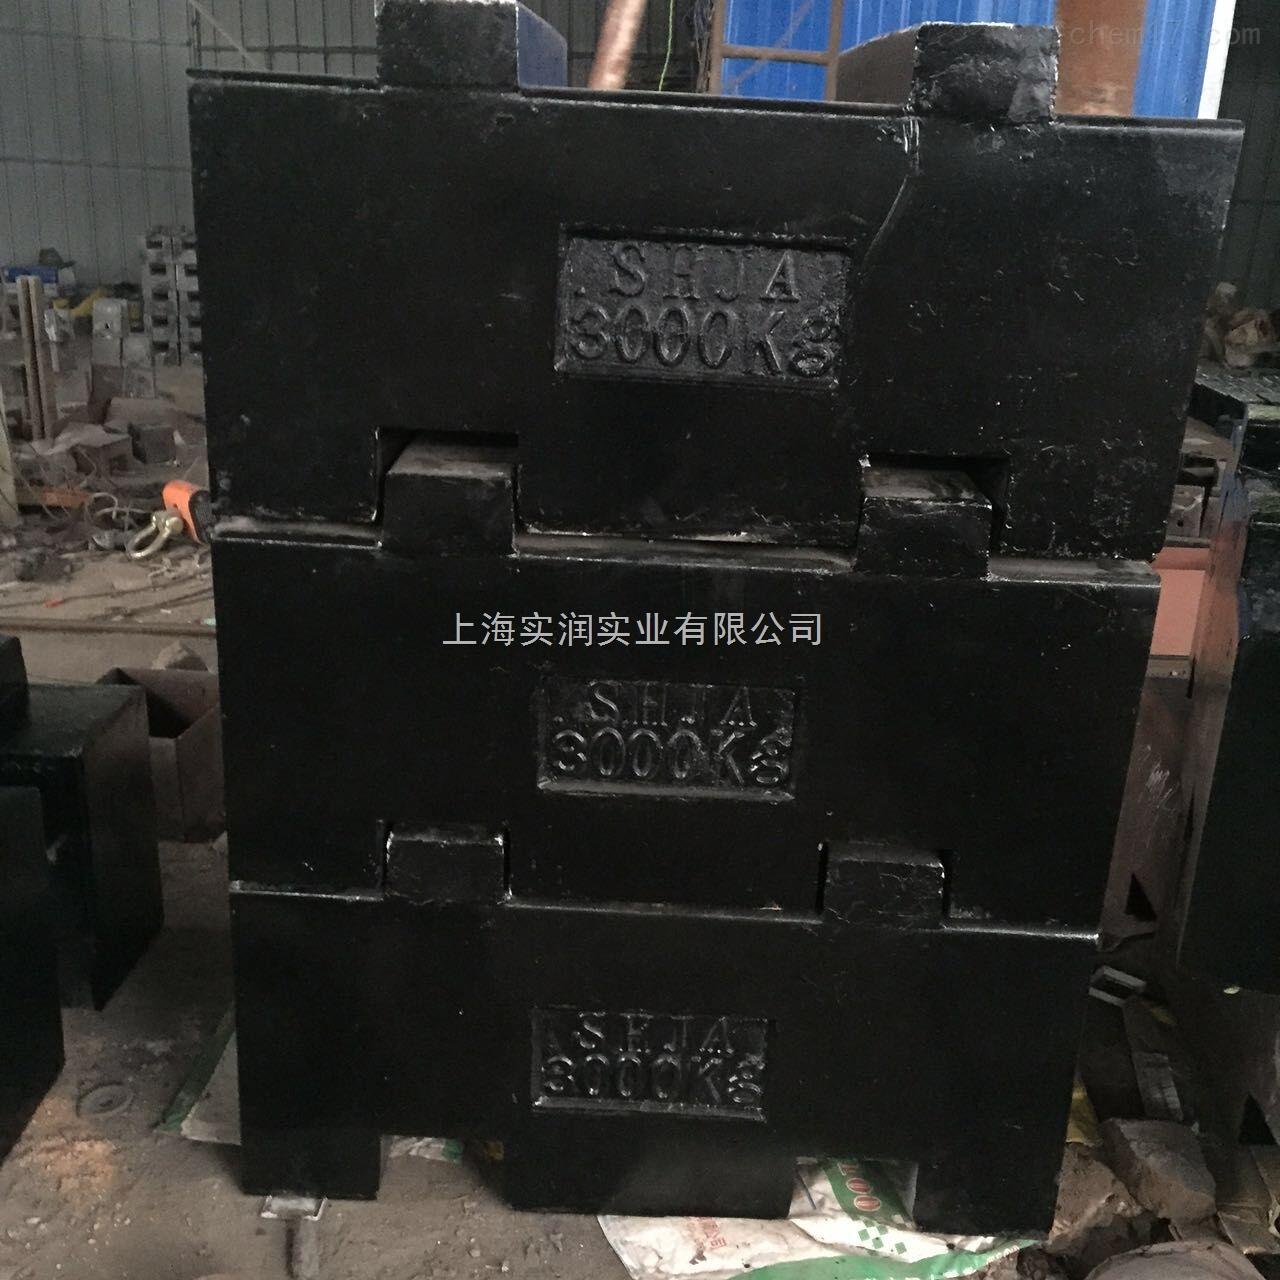 铸铁法码500kg,批量销售铸铁砝码1000kg